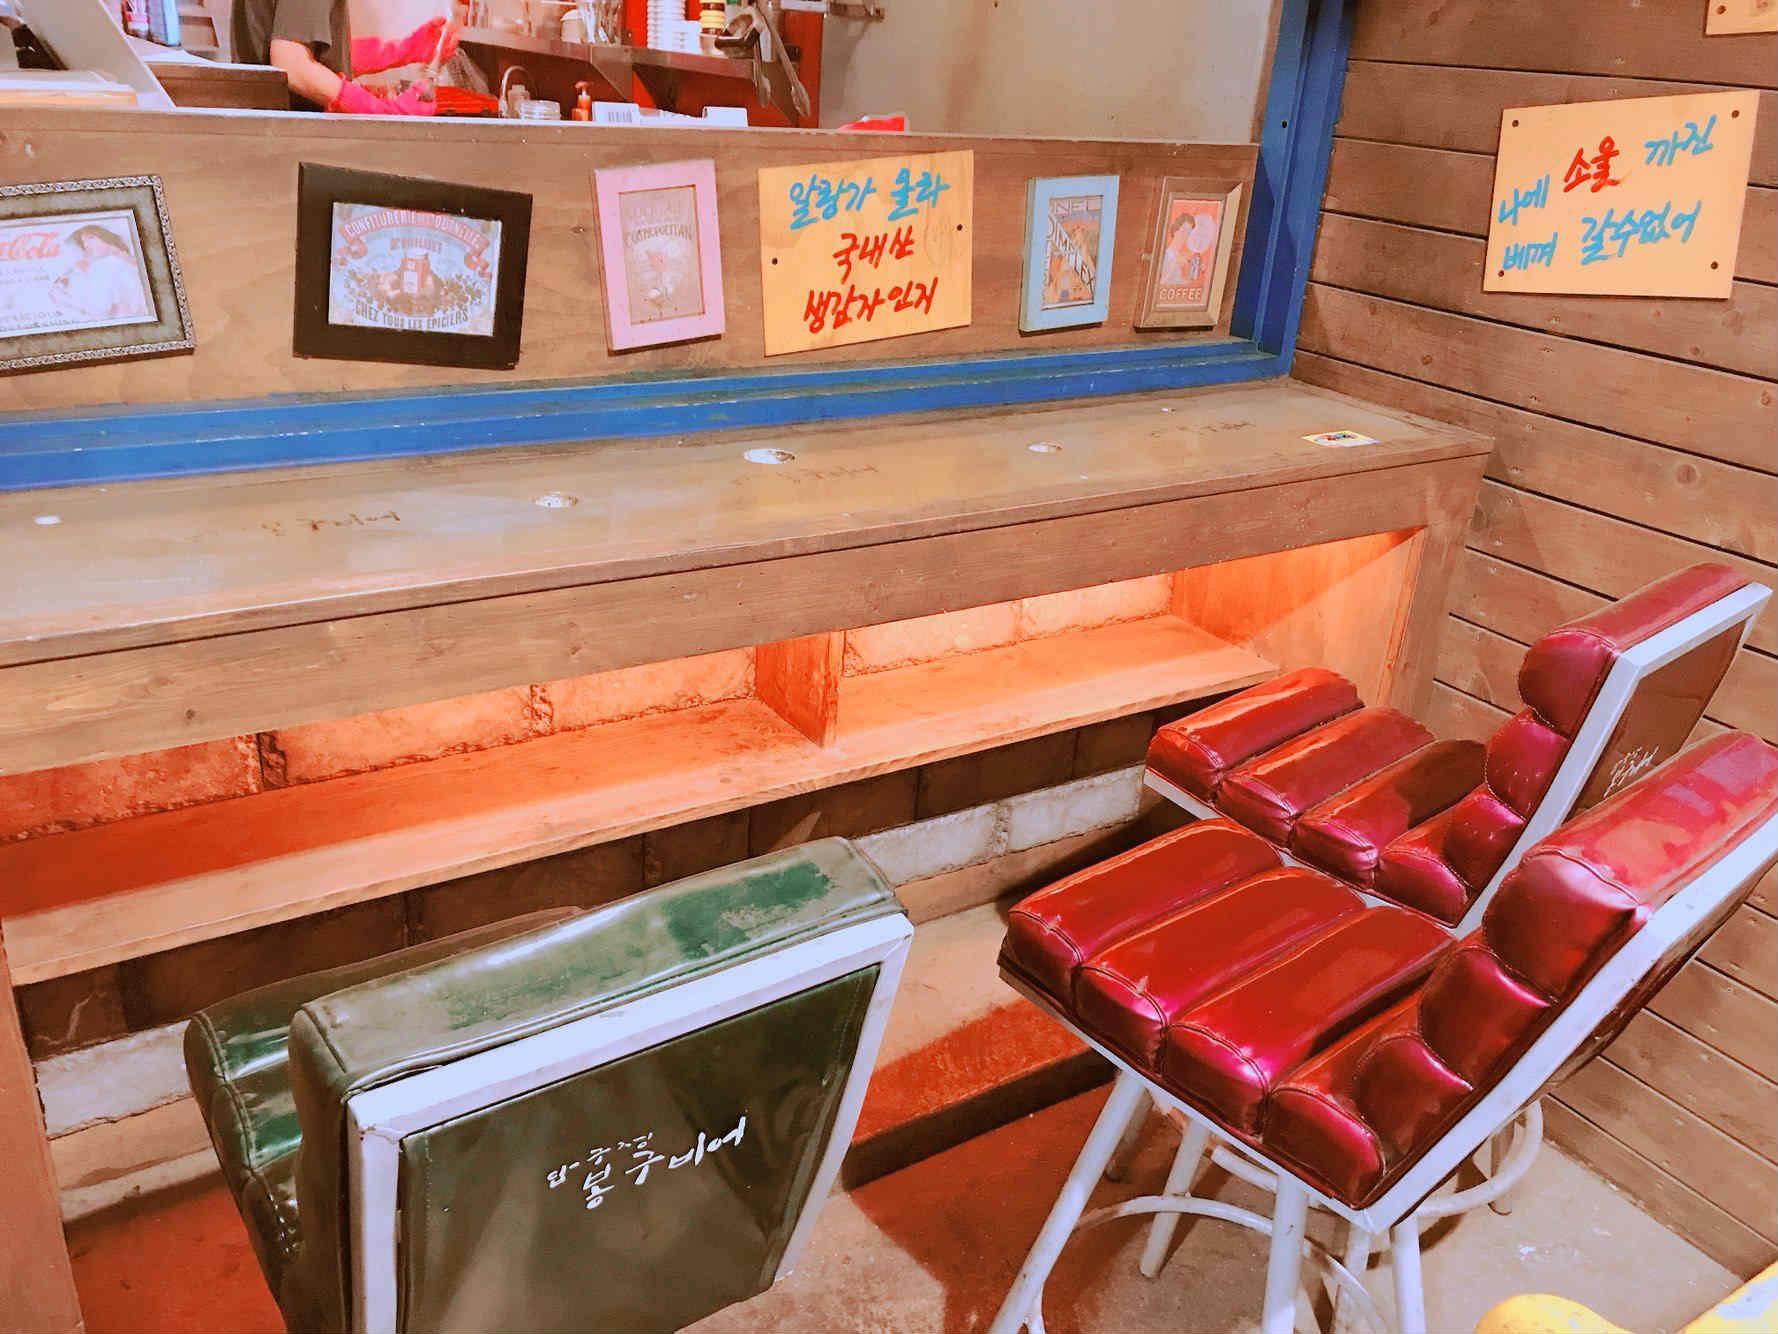 吧檯與桌椅設計部分,都看得出來店家的用心,具有濃厚的復古風。